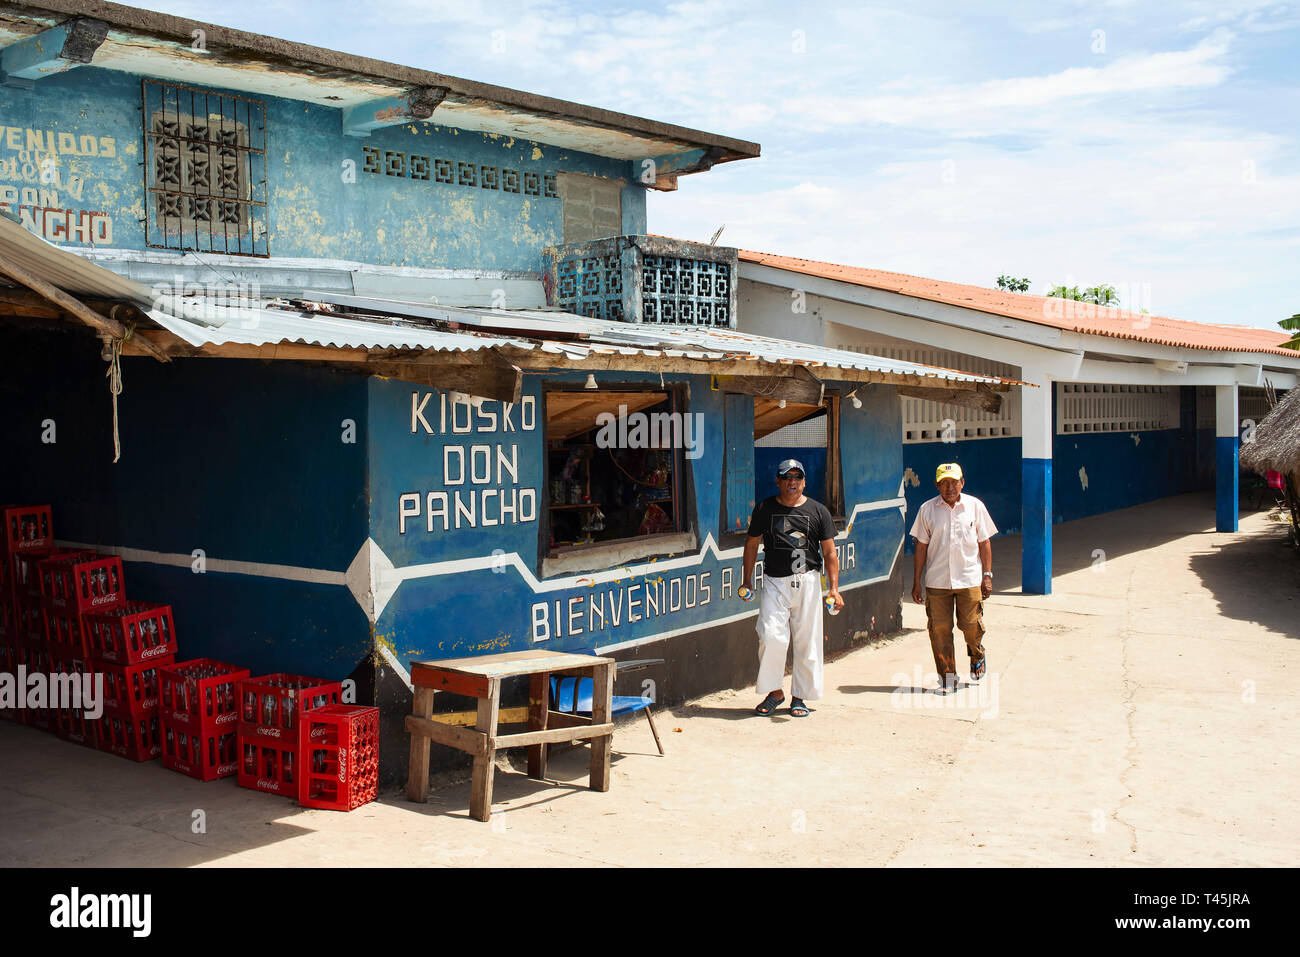 Hombre local obteniendo cervezas en la tienda en Carti Sugtupu; una de las islas de Carti en Guna Yala aldeas indígenas. Las islas de San Blas, Panamá. Oct 2018 Foto de stock